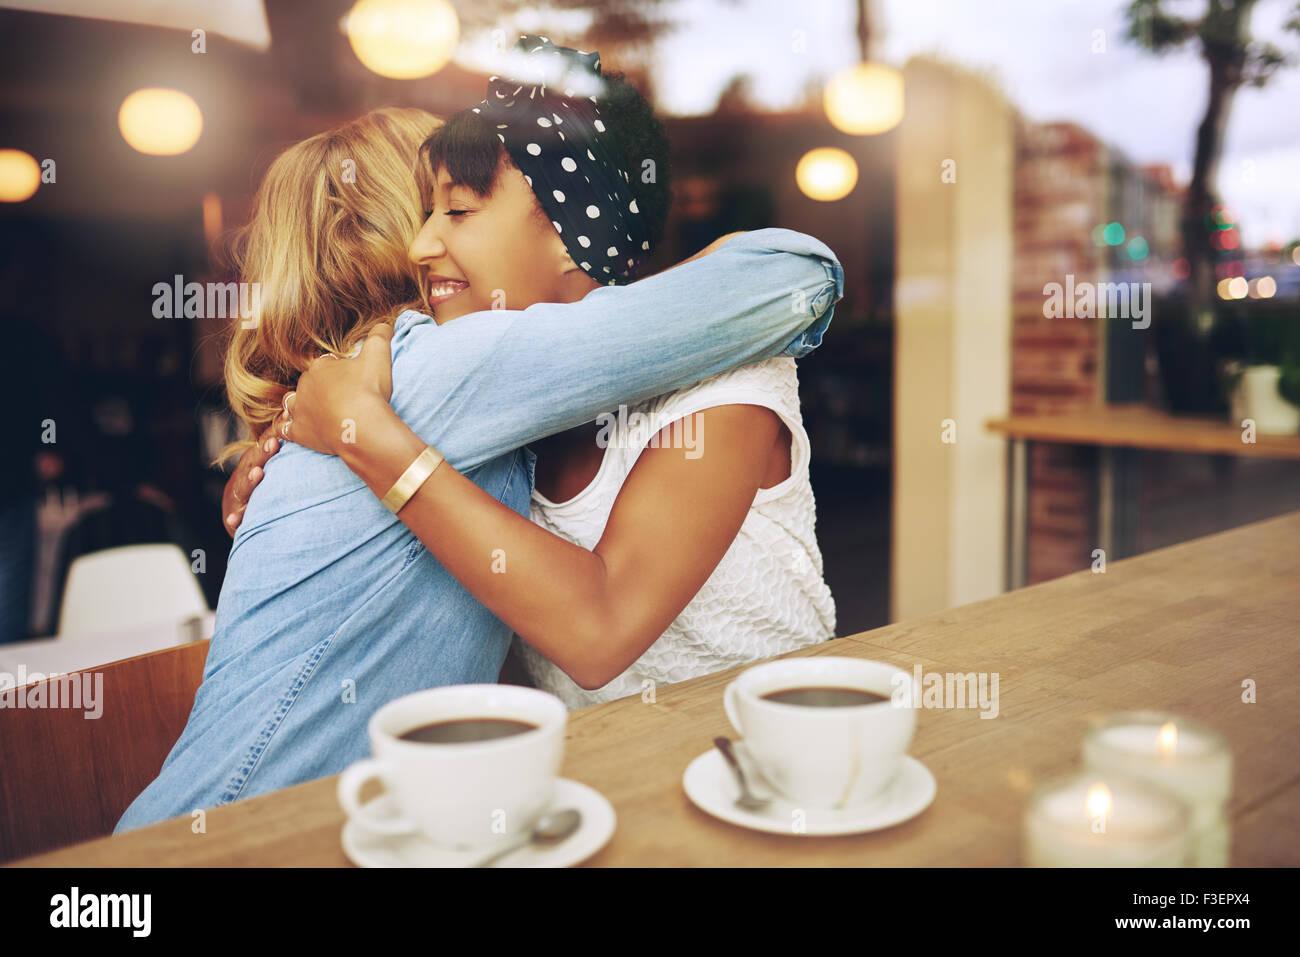 Deux amis fille affectueuse ethniques car ils sont assis dans un café prendre une tasse de café ensemble Photo Stock